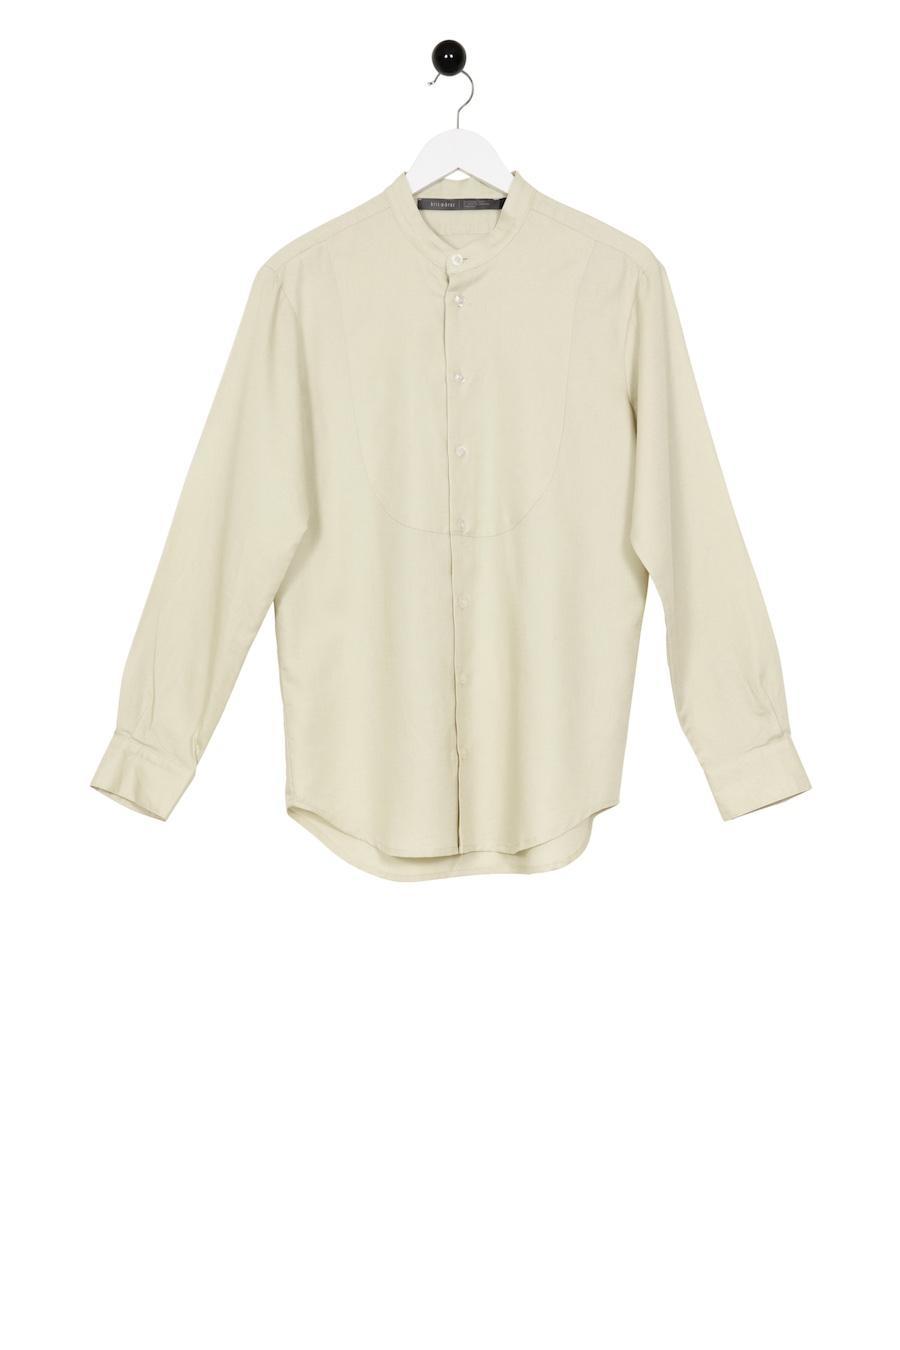 Malapolskin Shirt